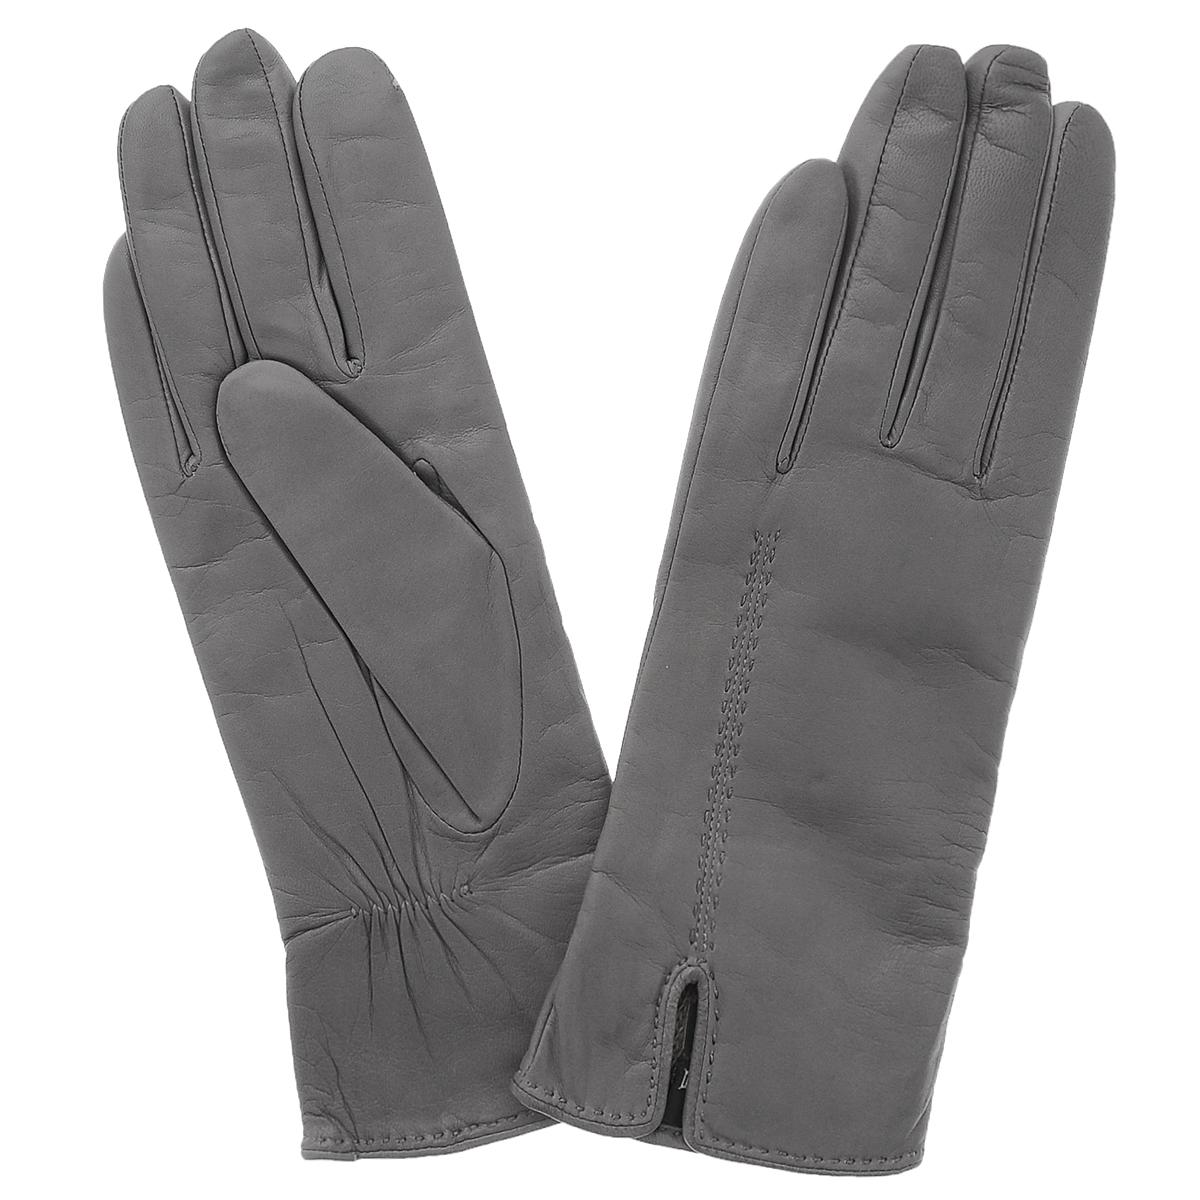 Перчатки женские. 11_ALINA11_ALINAСтильные перчатки Dali Exclusive с шерстяной подкладкой выполнены из мягкой и приятной на ощупь натуральной кожи ягненка. Лицевая сторона оформлена декоративными стежками и дополнена небольшим разрезом. Такие перчатки подчеркнут ваш стиль и неповторимость и придадут всему образу нотки женственности и элегантности.